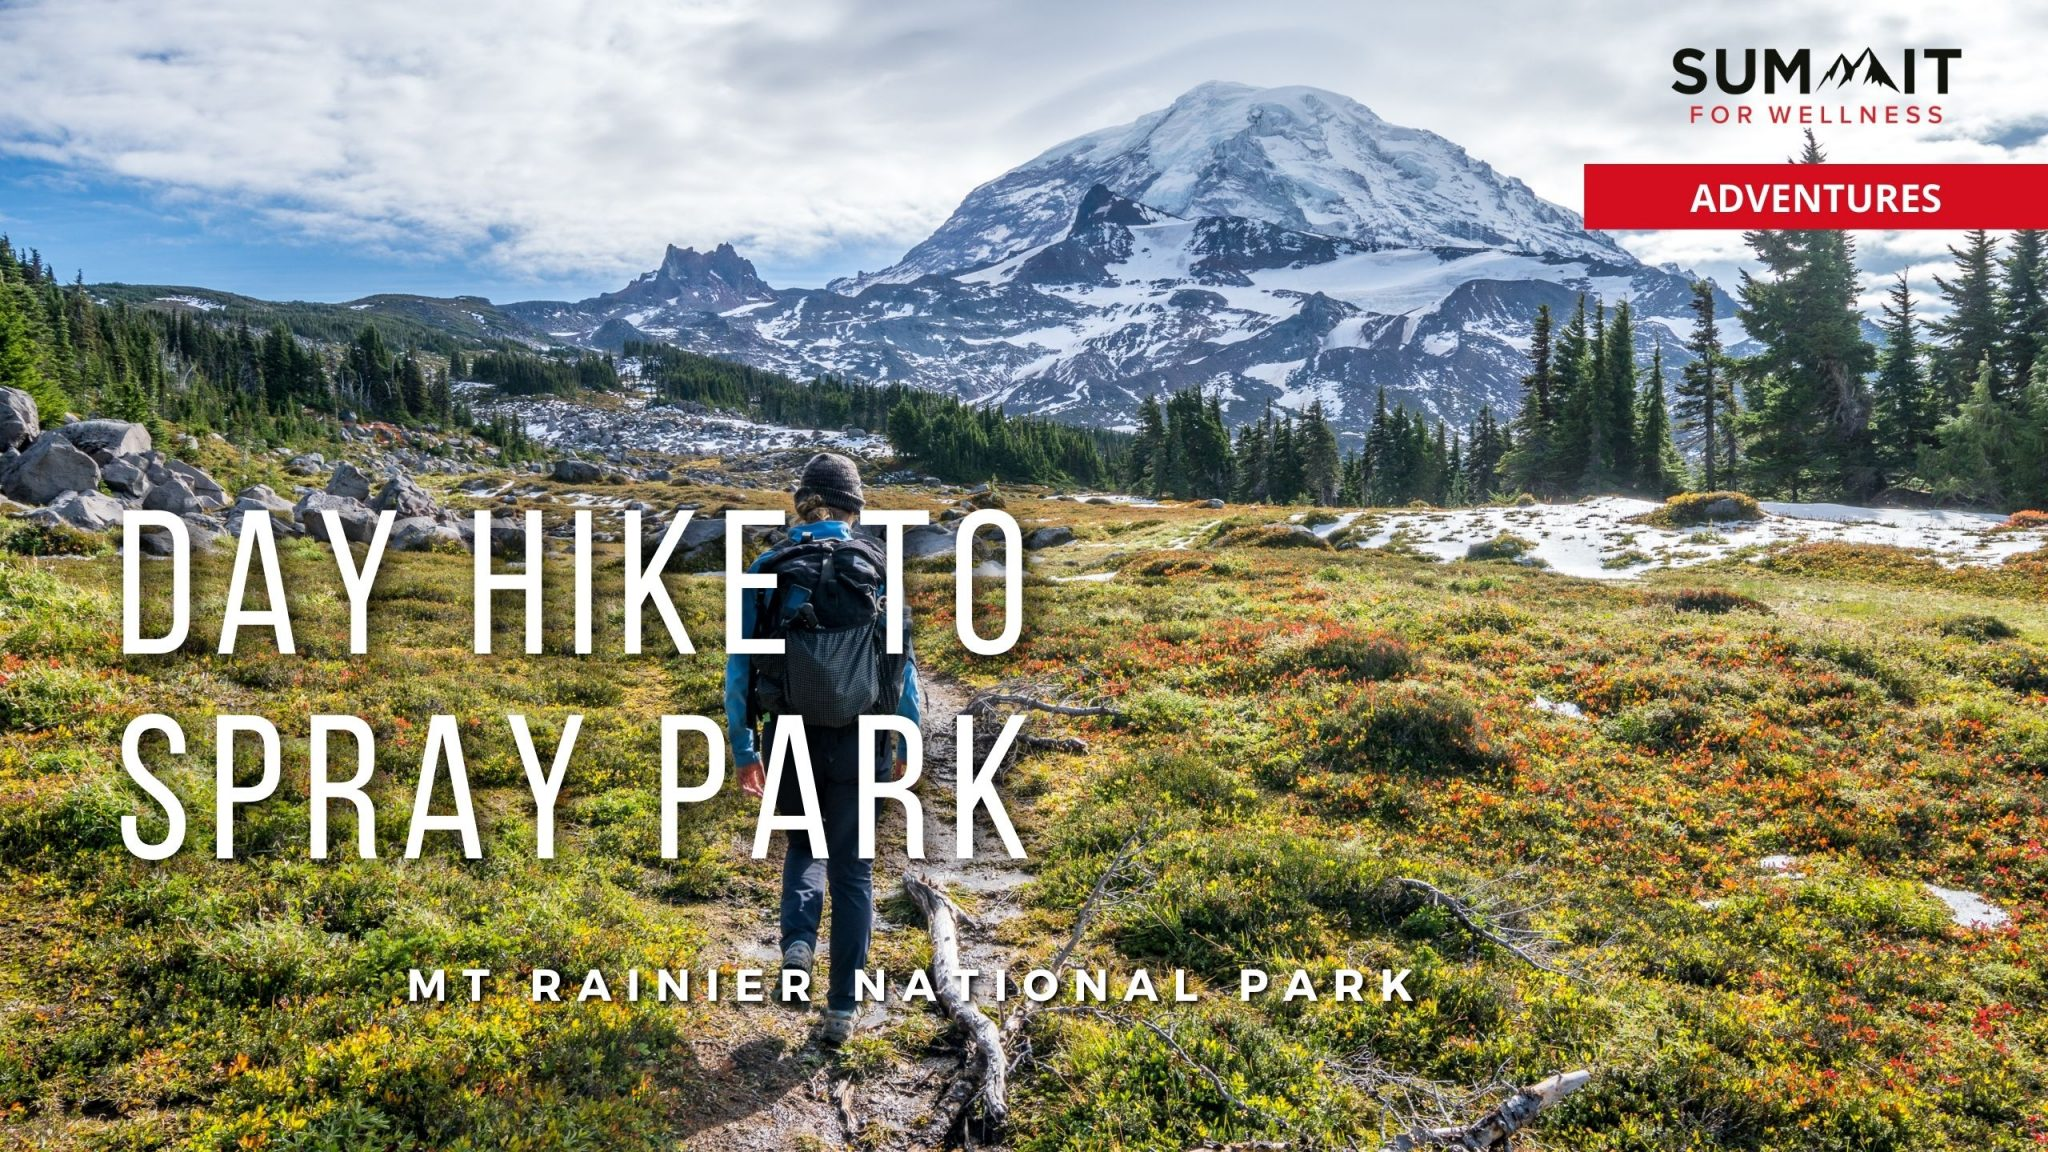 Hike to Spray Park to see beautiful views of Mt Rainier